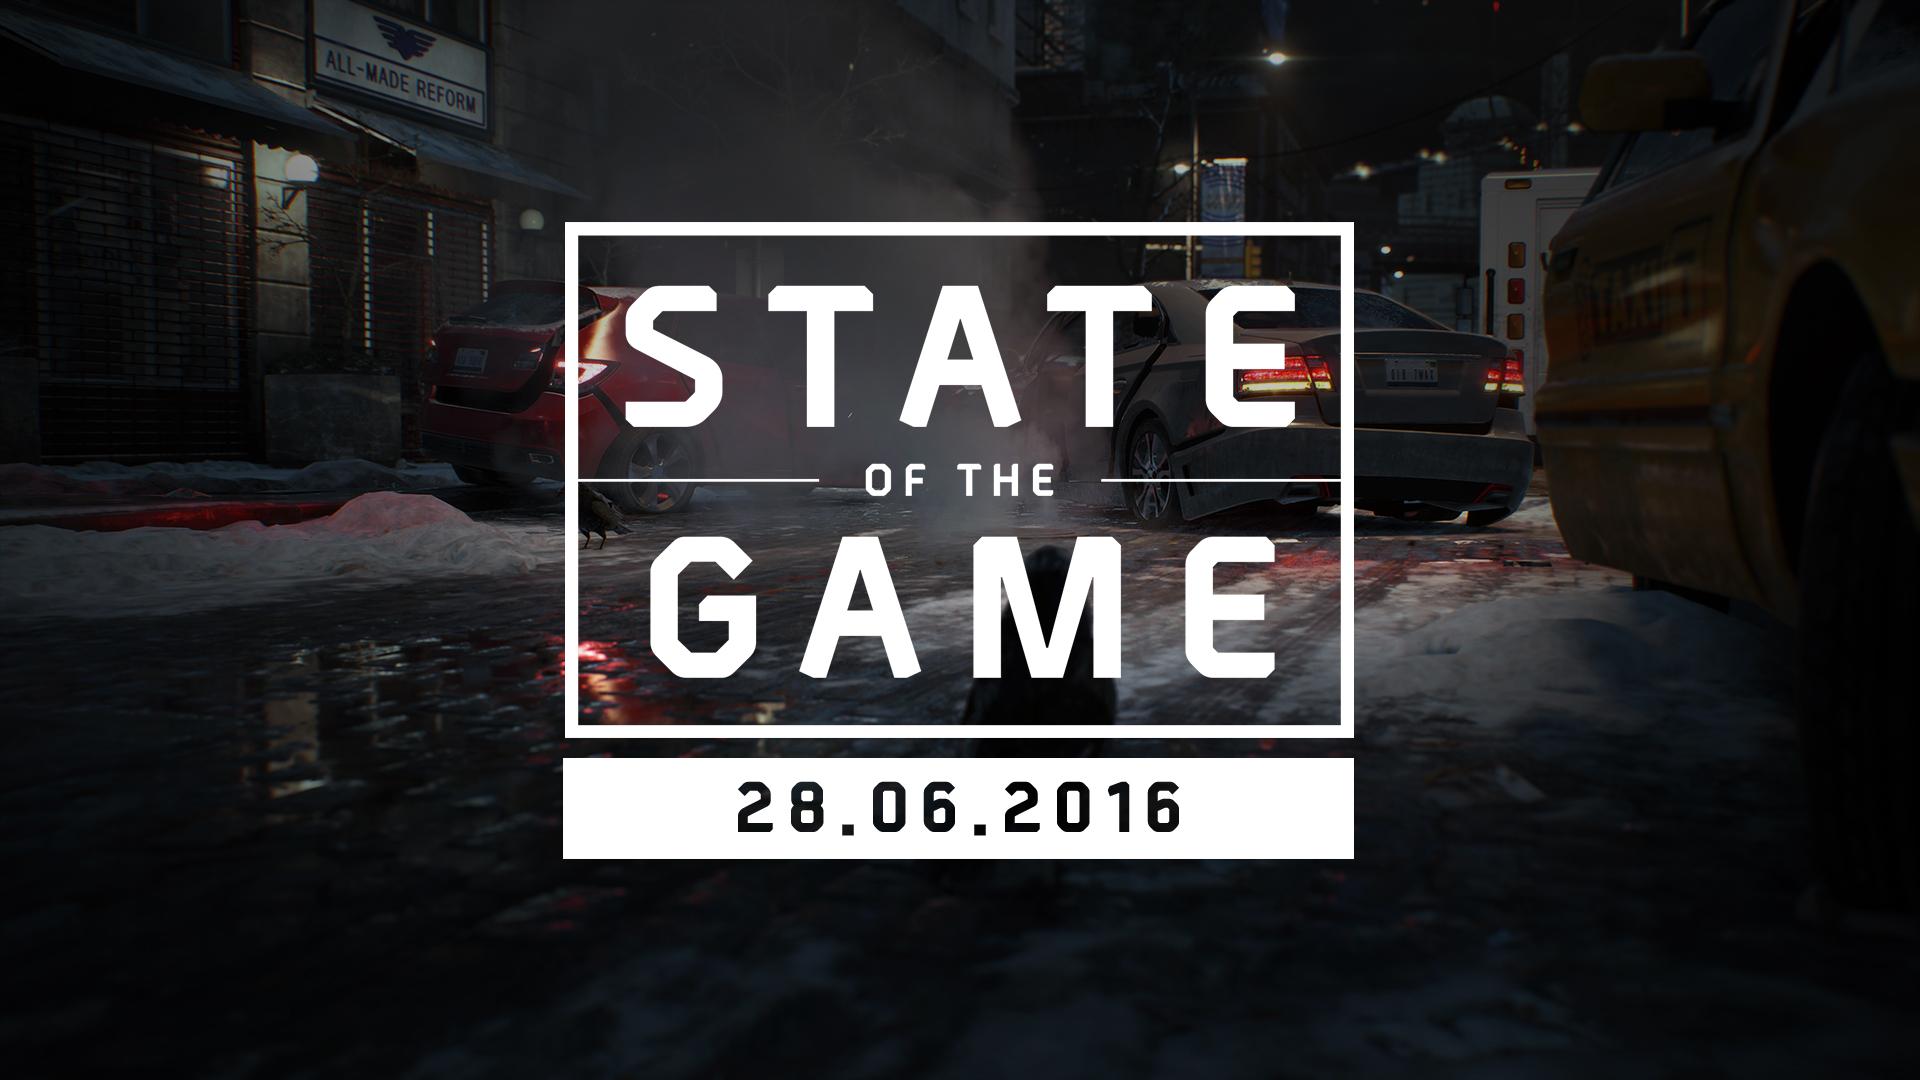 [2016-06-28] SOTG header June, 28